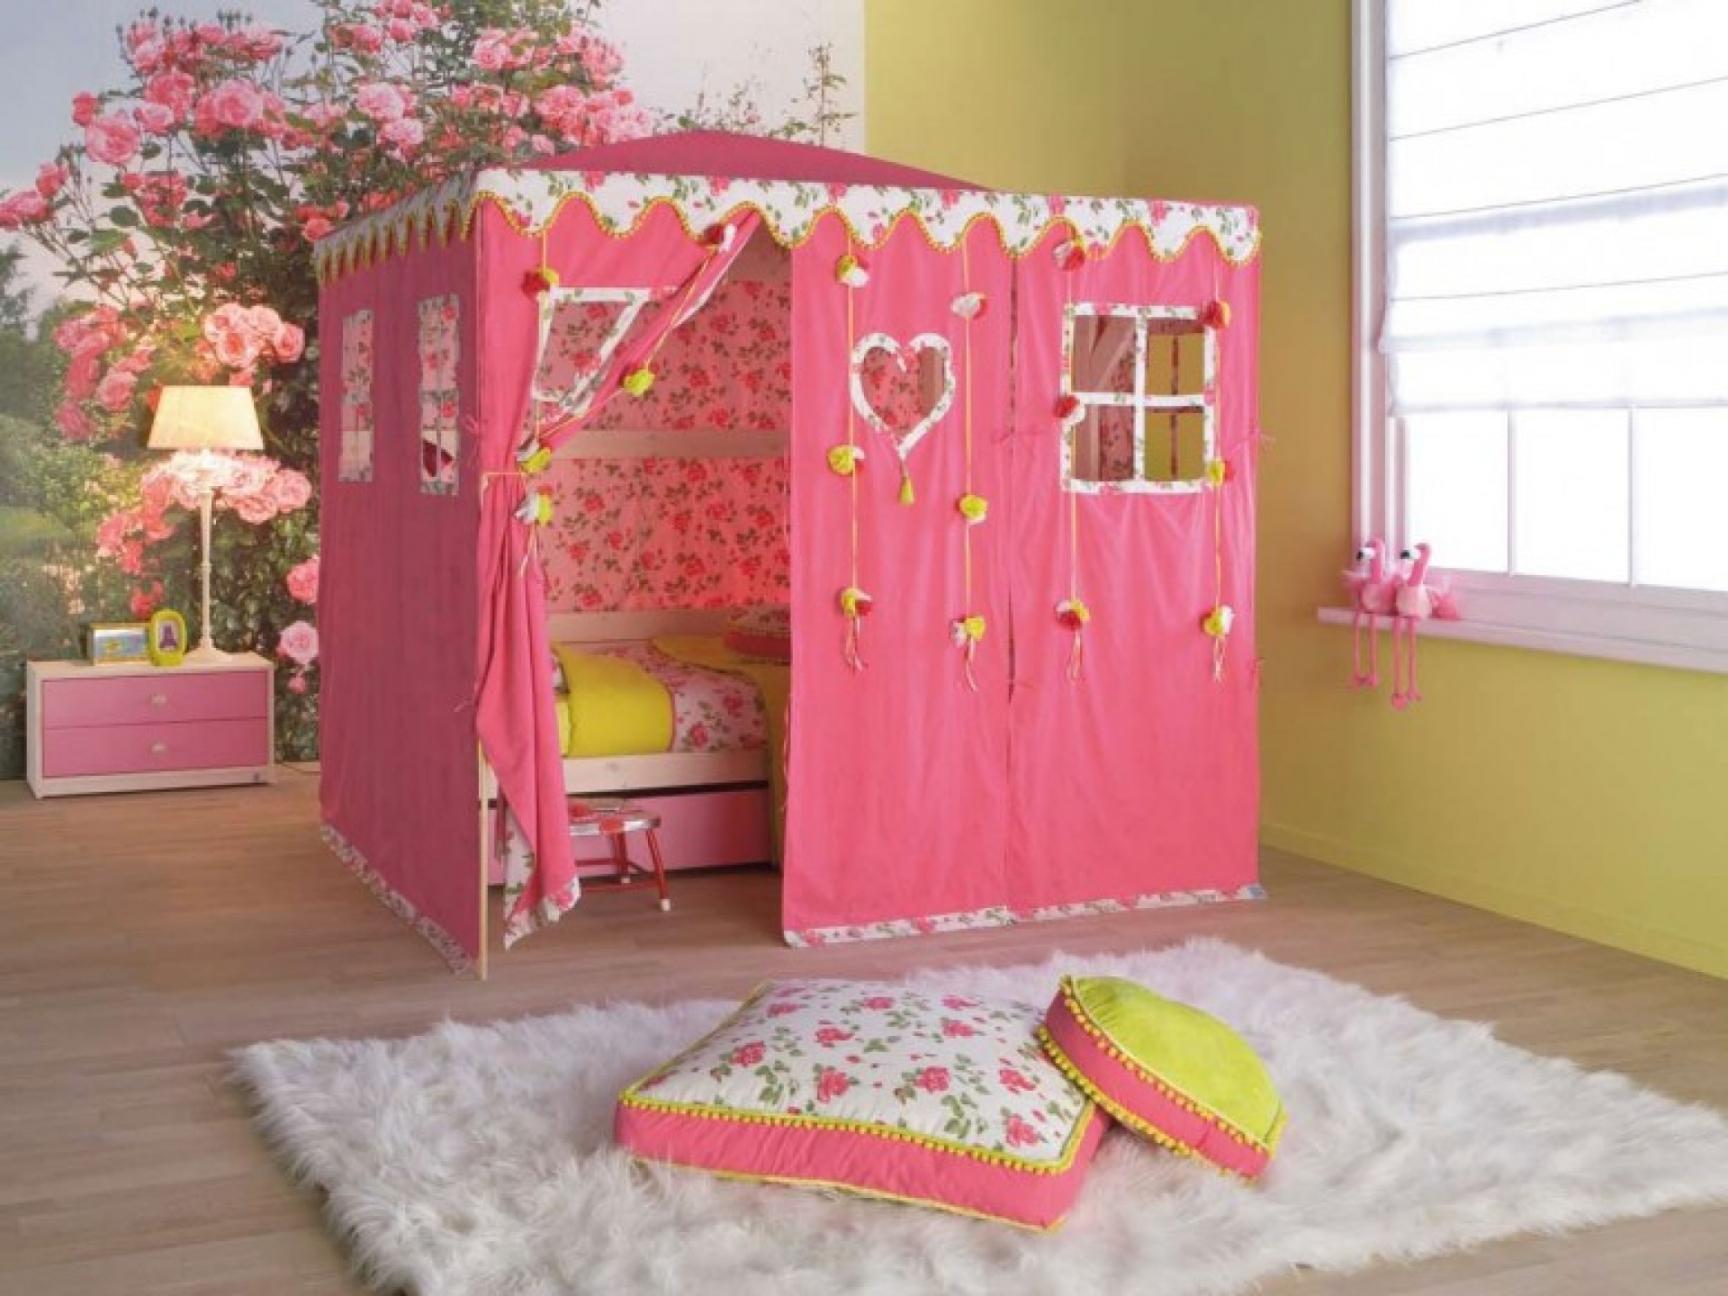 wallpapers for walls teenage girls bedroom wallpaper bedroom design - Girls Bedroom Wallpaper Ideas